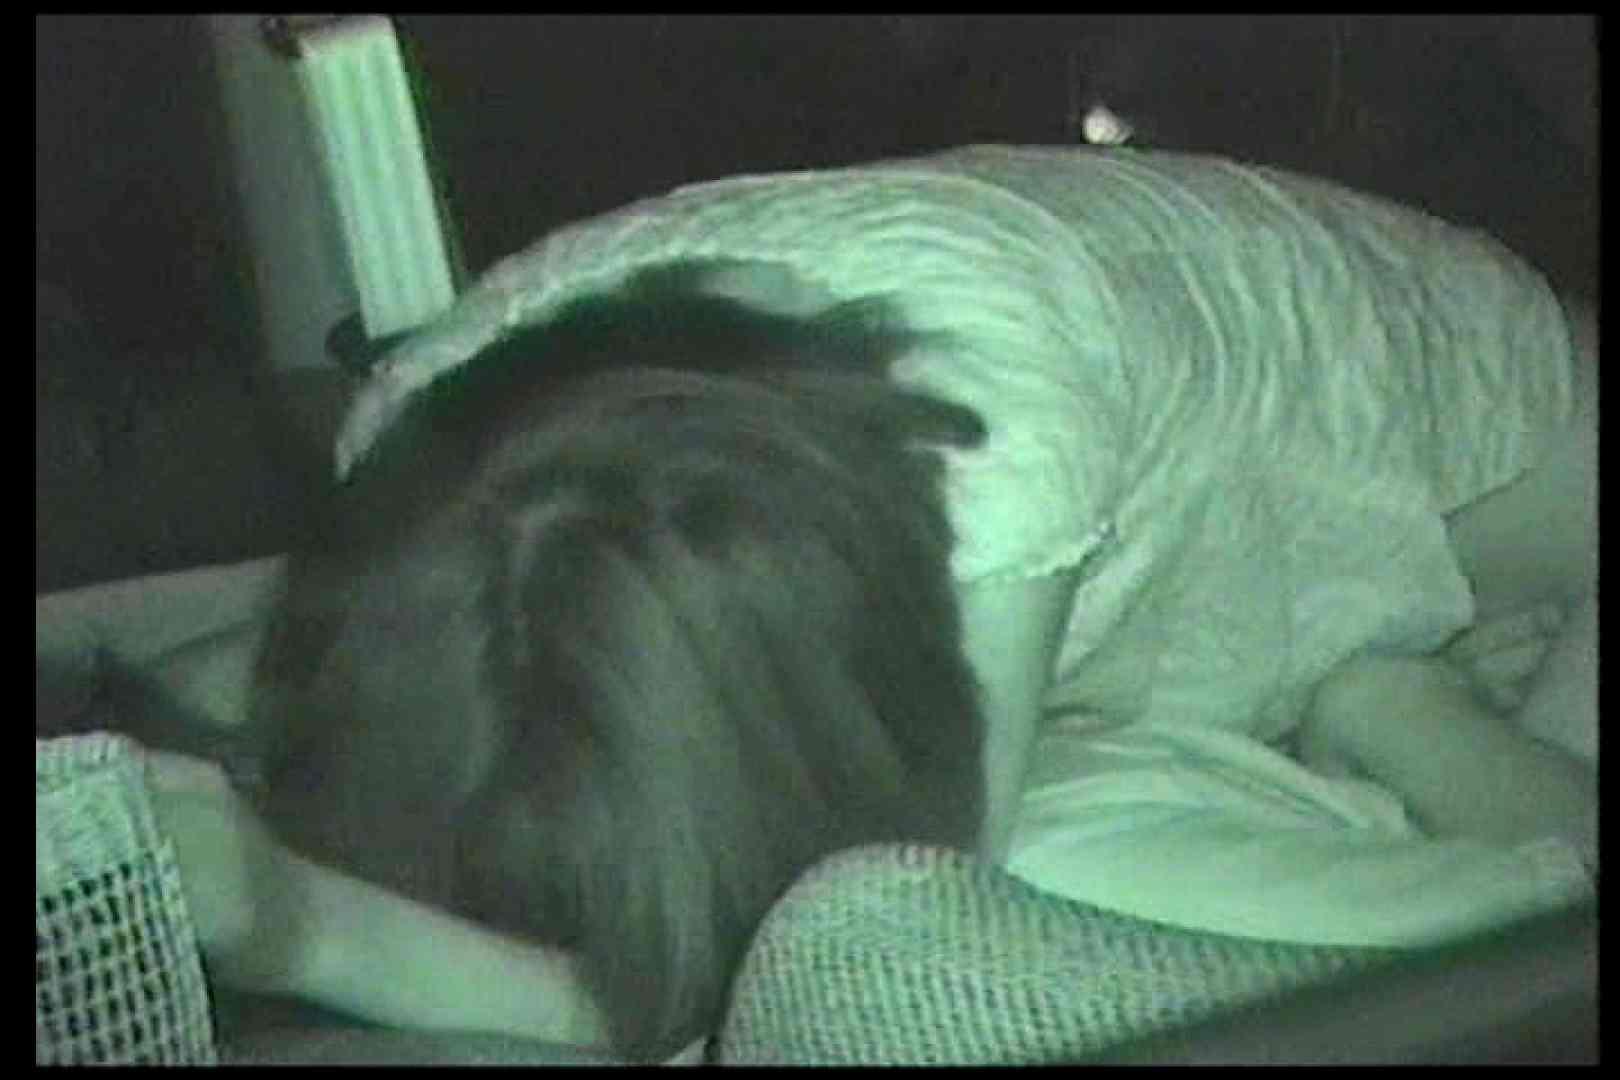 カーセックス未編集・無修正版 Vol.6後編 高画質 アダルト動画キャプチャ 76連発 11